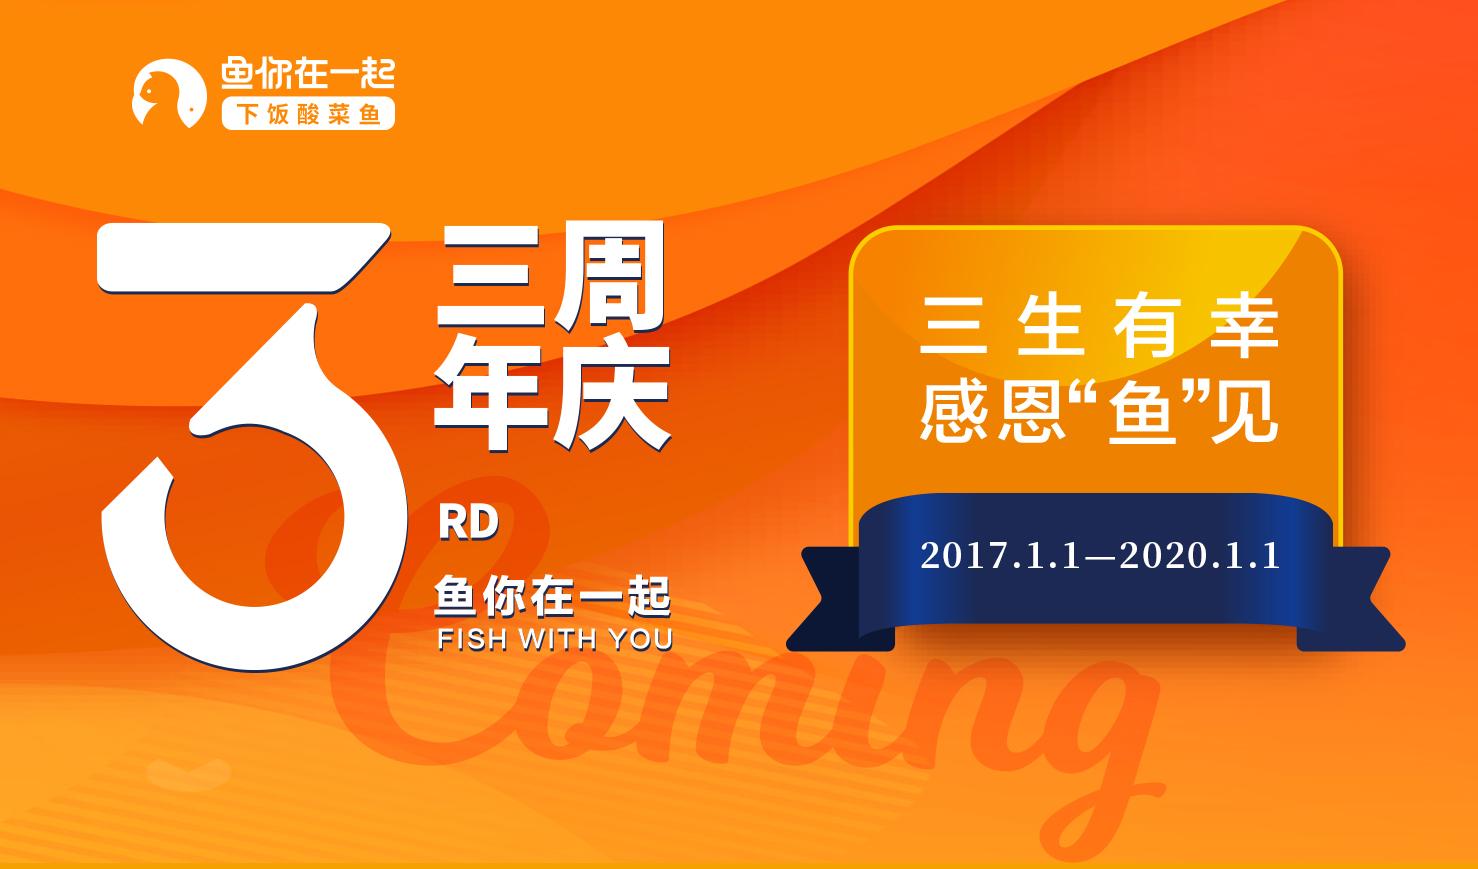 再获新荣耀,鱼你在一起荣登2019年度中国餐饮品牌力百强